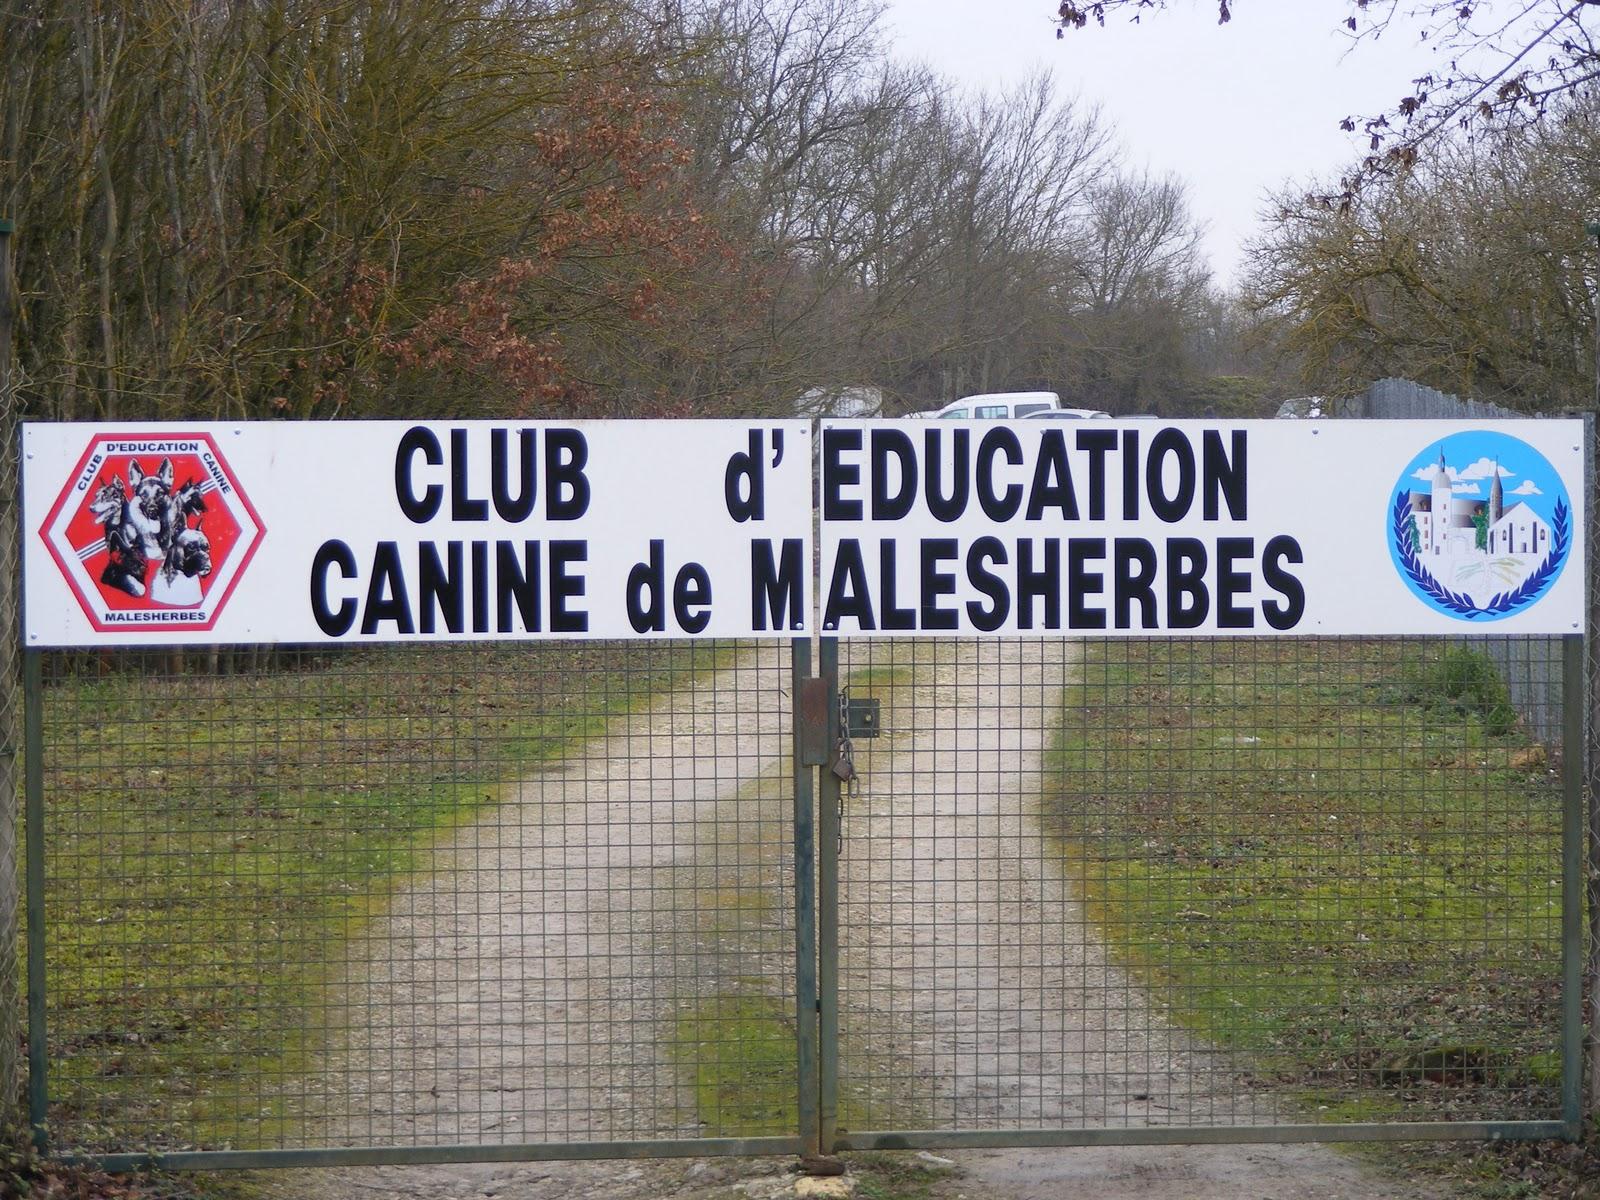 club canin malesherbes